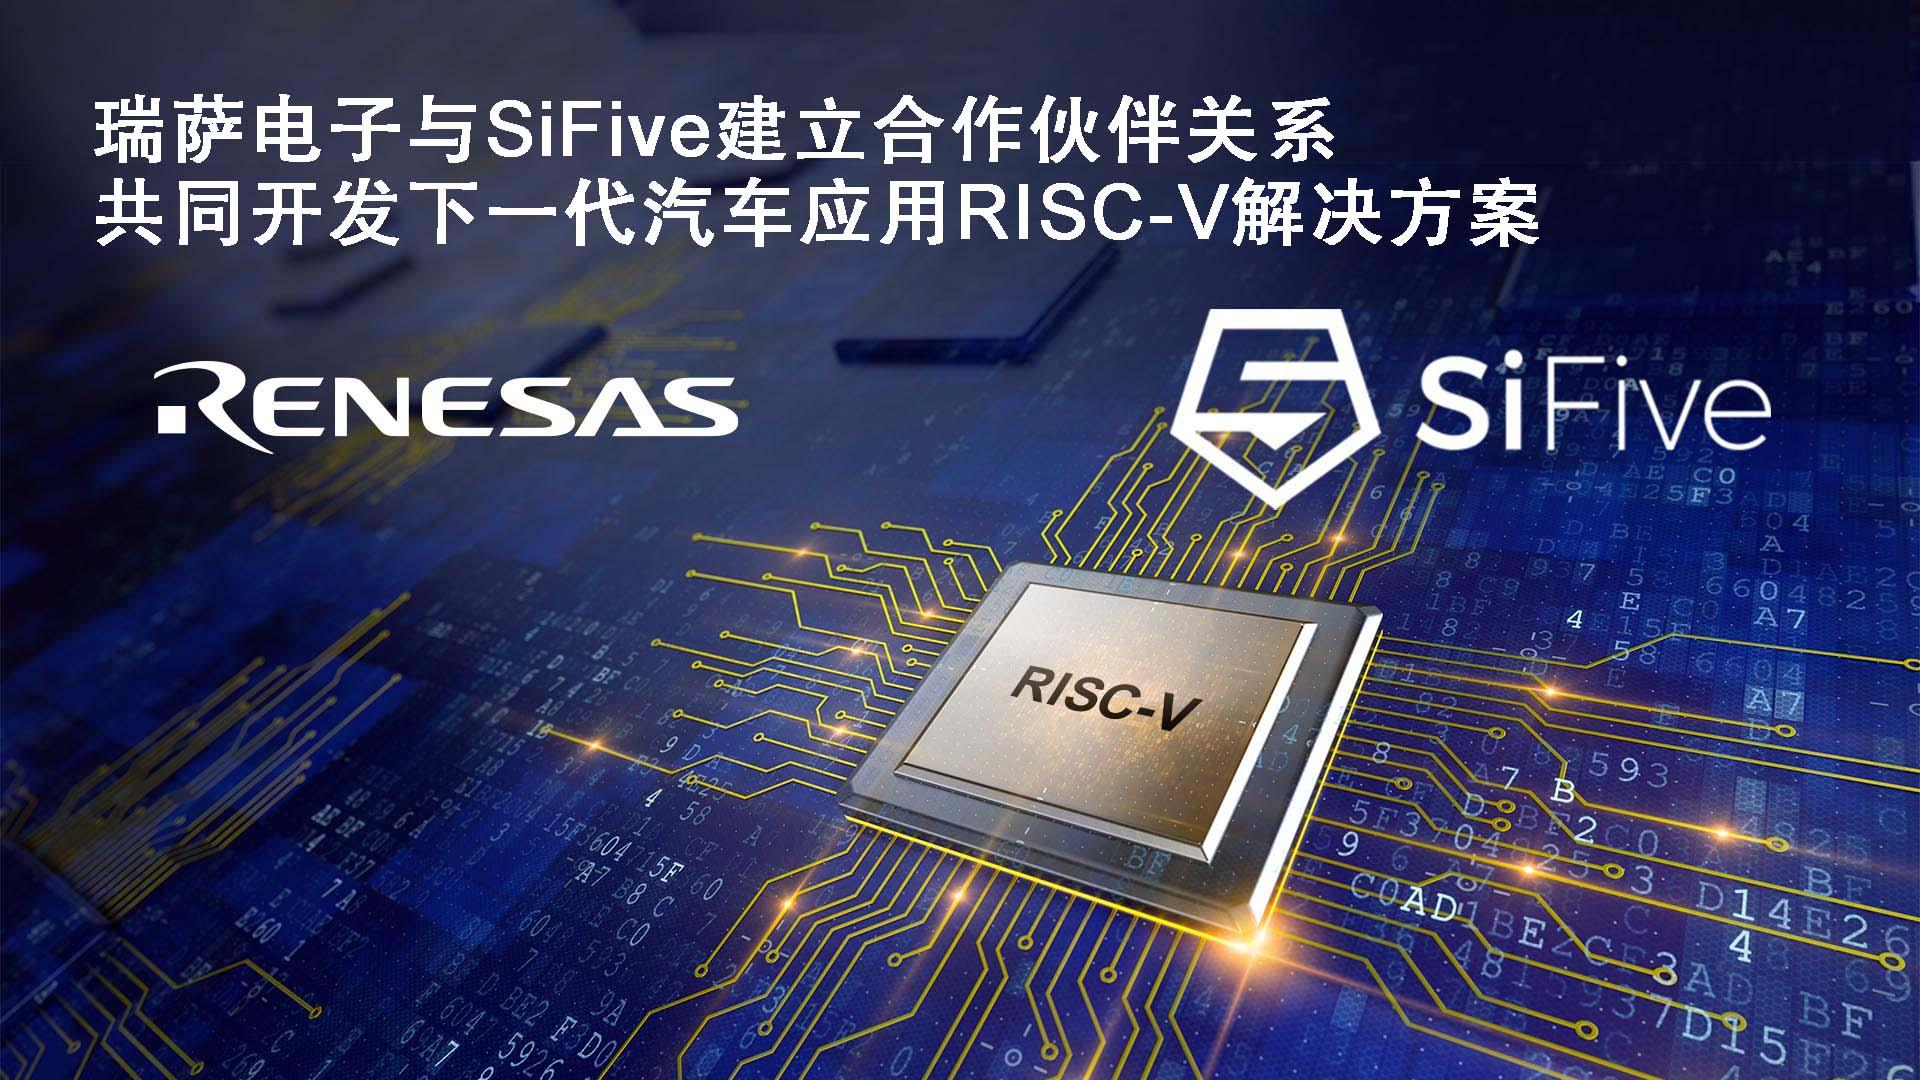 瑞萨电子携手SiFive共同开发面向汽车应用的 新一代高端RISC-V解决方案